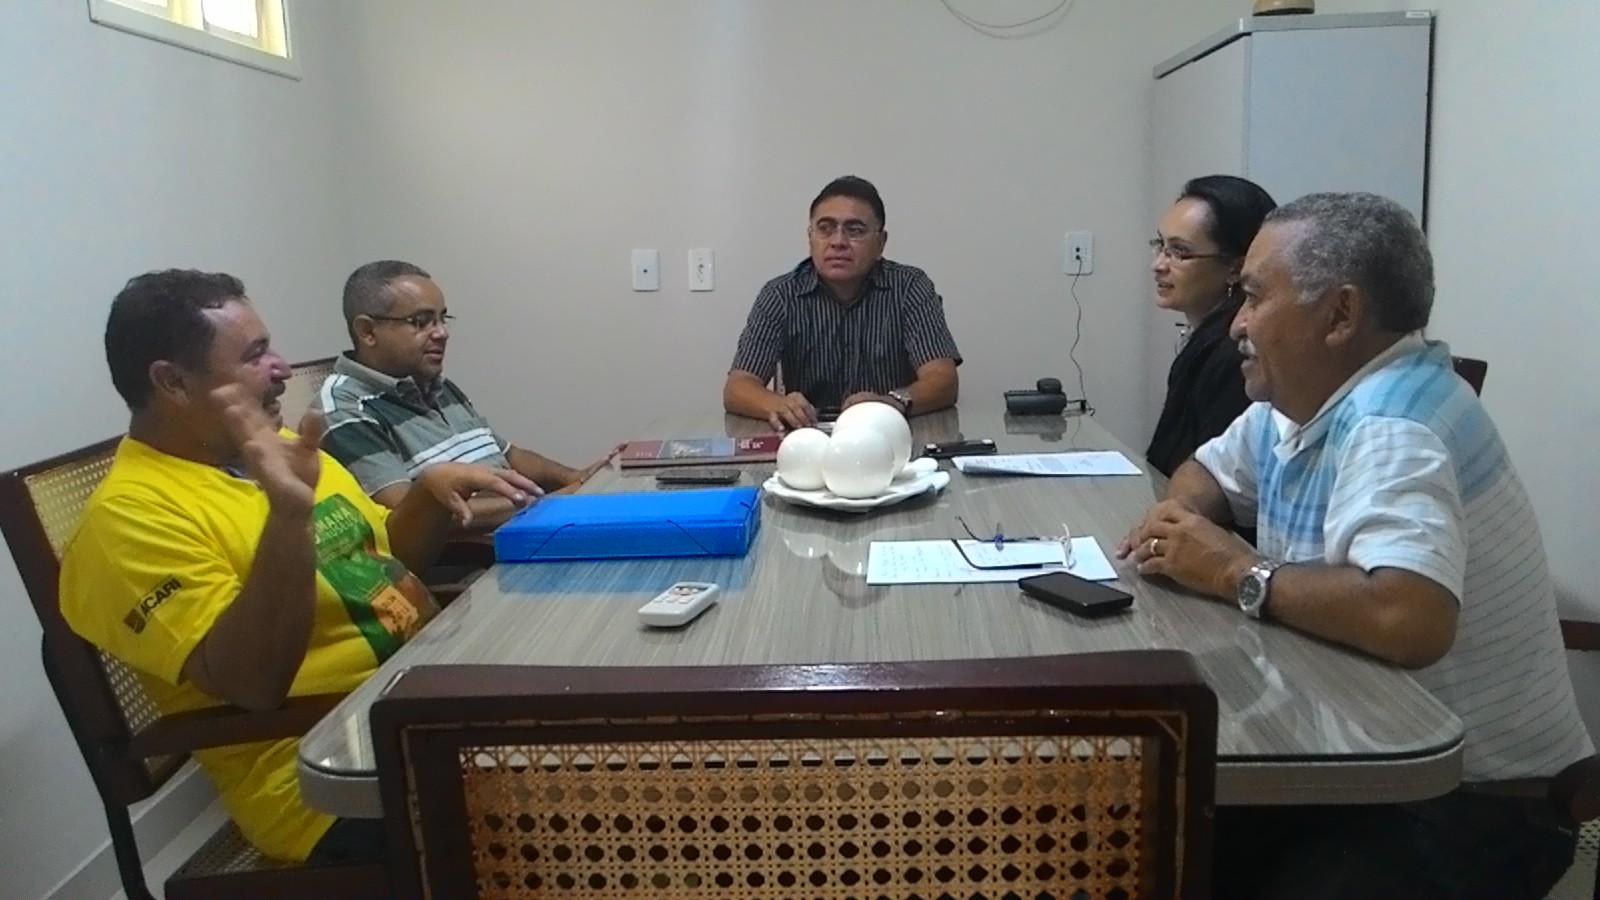 Foi realizada no dia 20 de abril de 2016 no prédio da Câmara Municipal de Acari uma reunião a respeito do tombamento dos prédios do município de Acari.